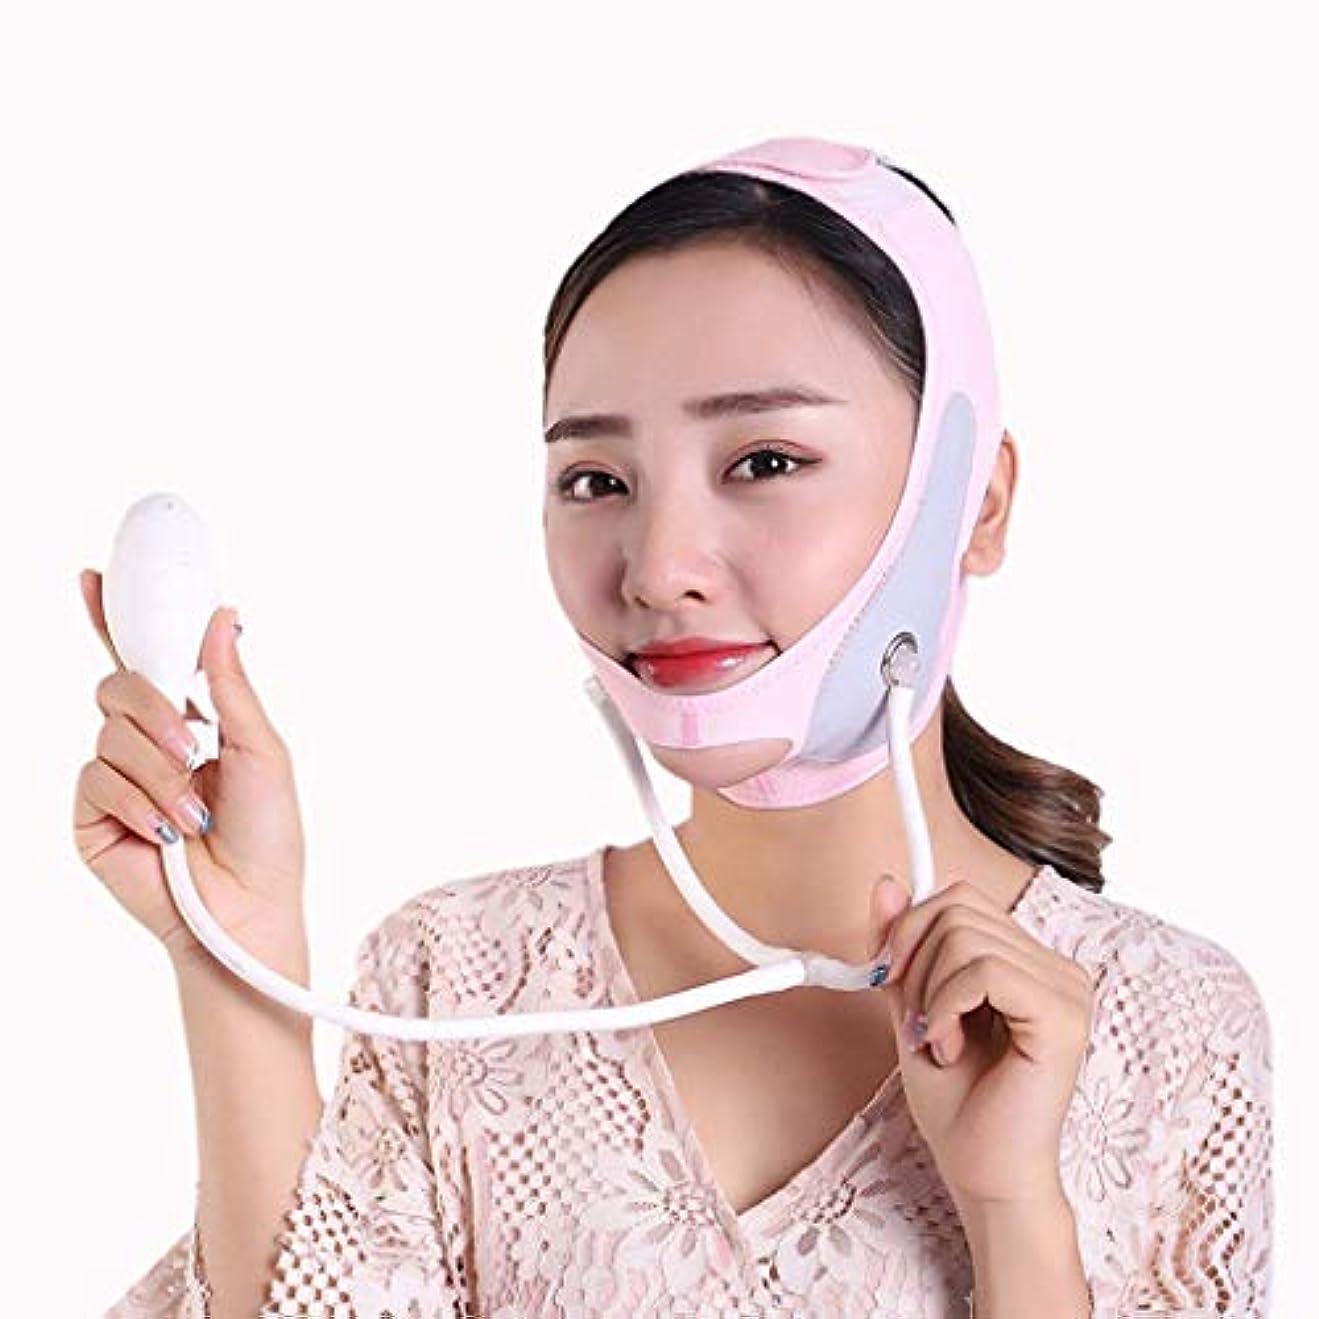 顔料模索フォーマットインフレータブルフェイスリフティングマスク、リフティング&タイトニング、フェイスリフティング包帯、ダブルチン、シンフェイスバンド(サイズ:M),L